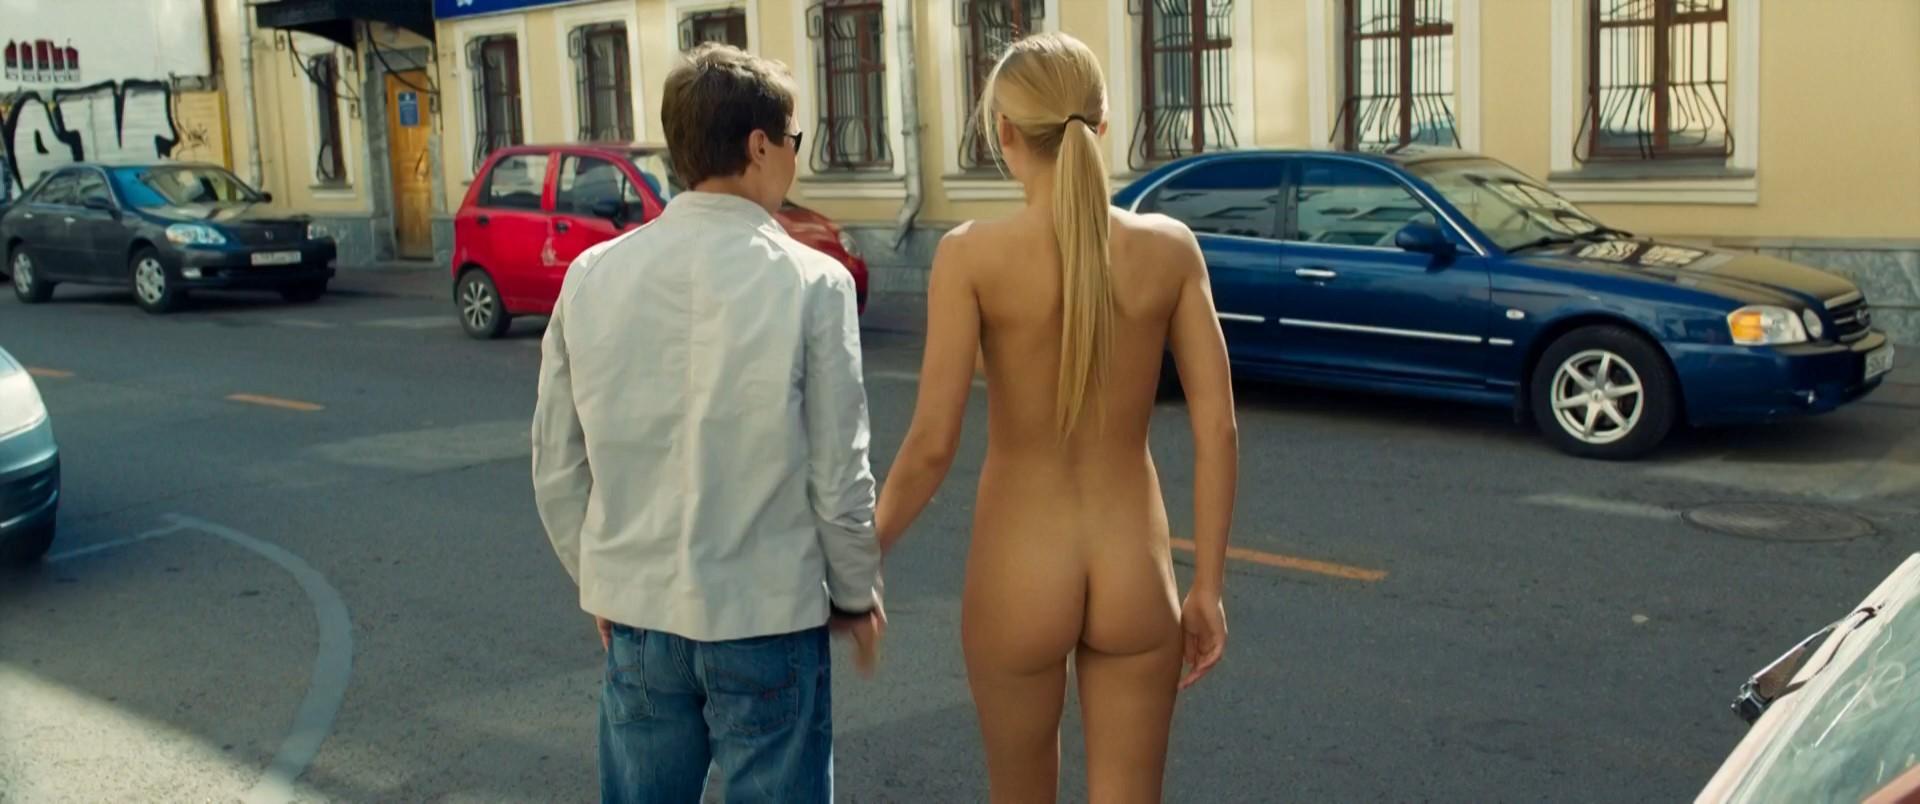 Desi short girl nude